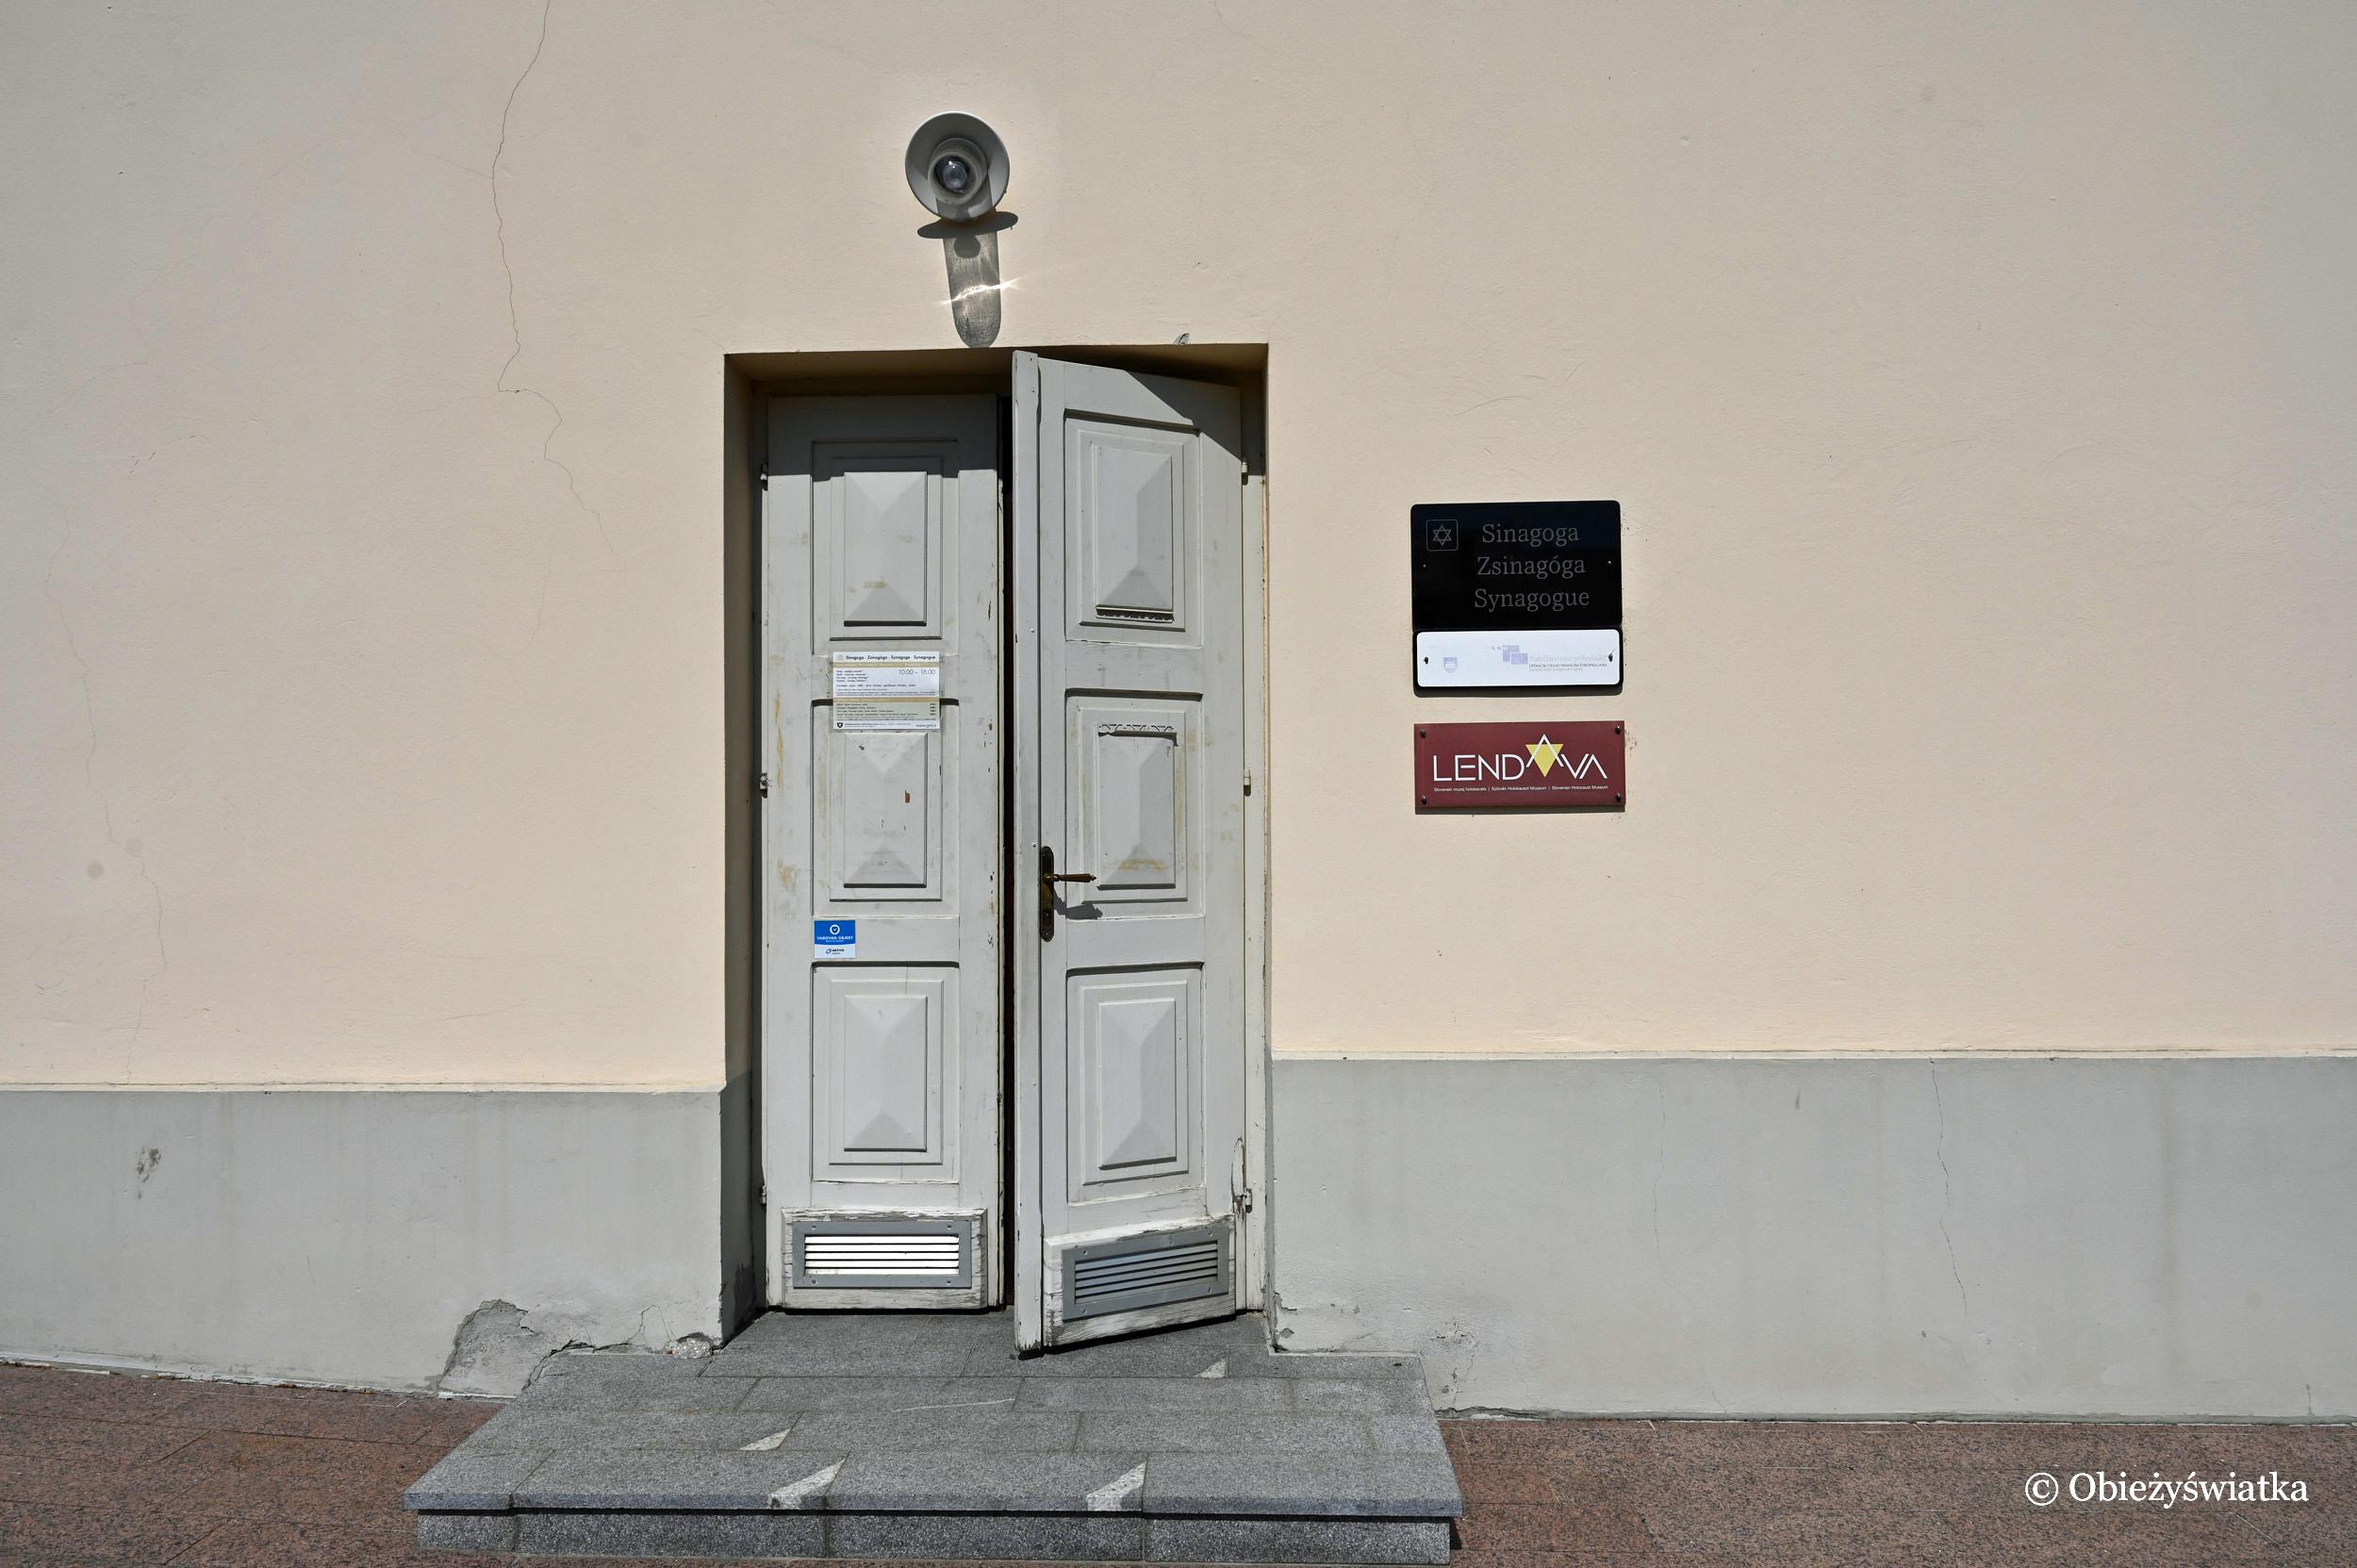 Wejście do synagogi w Lendavie